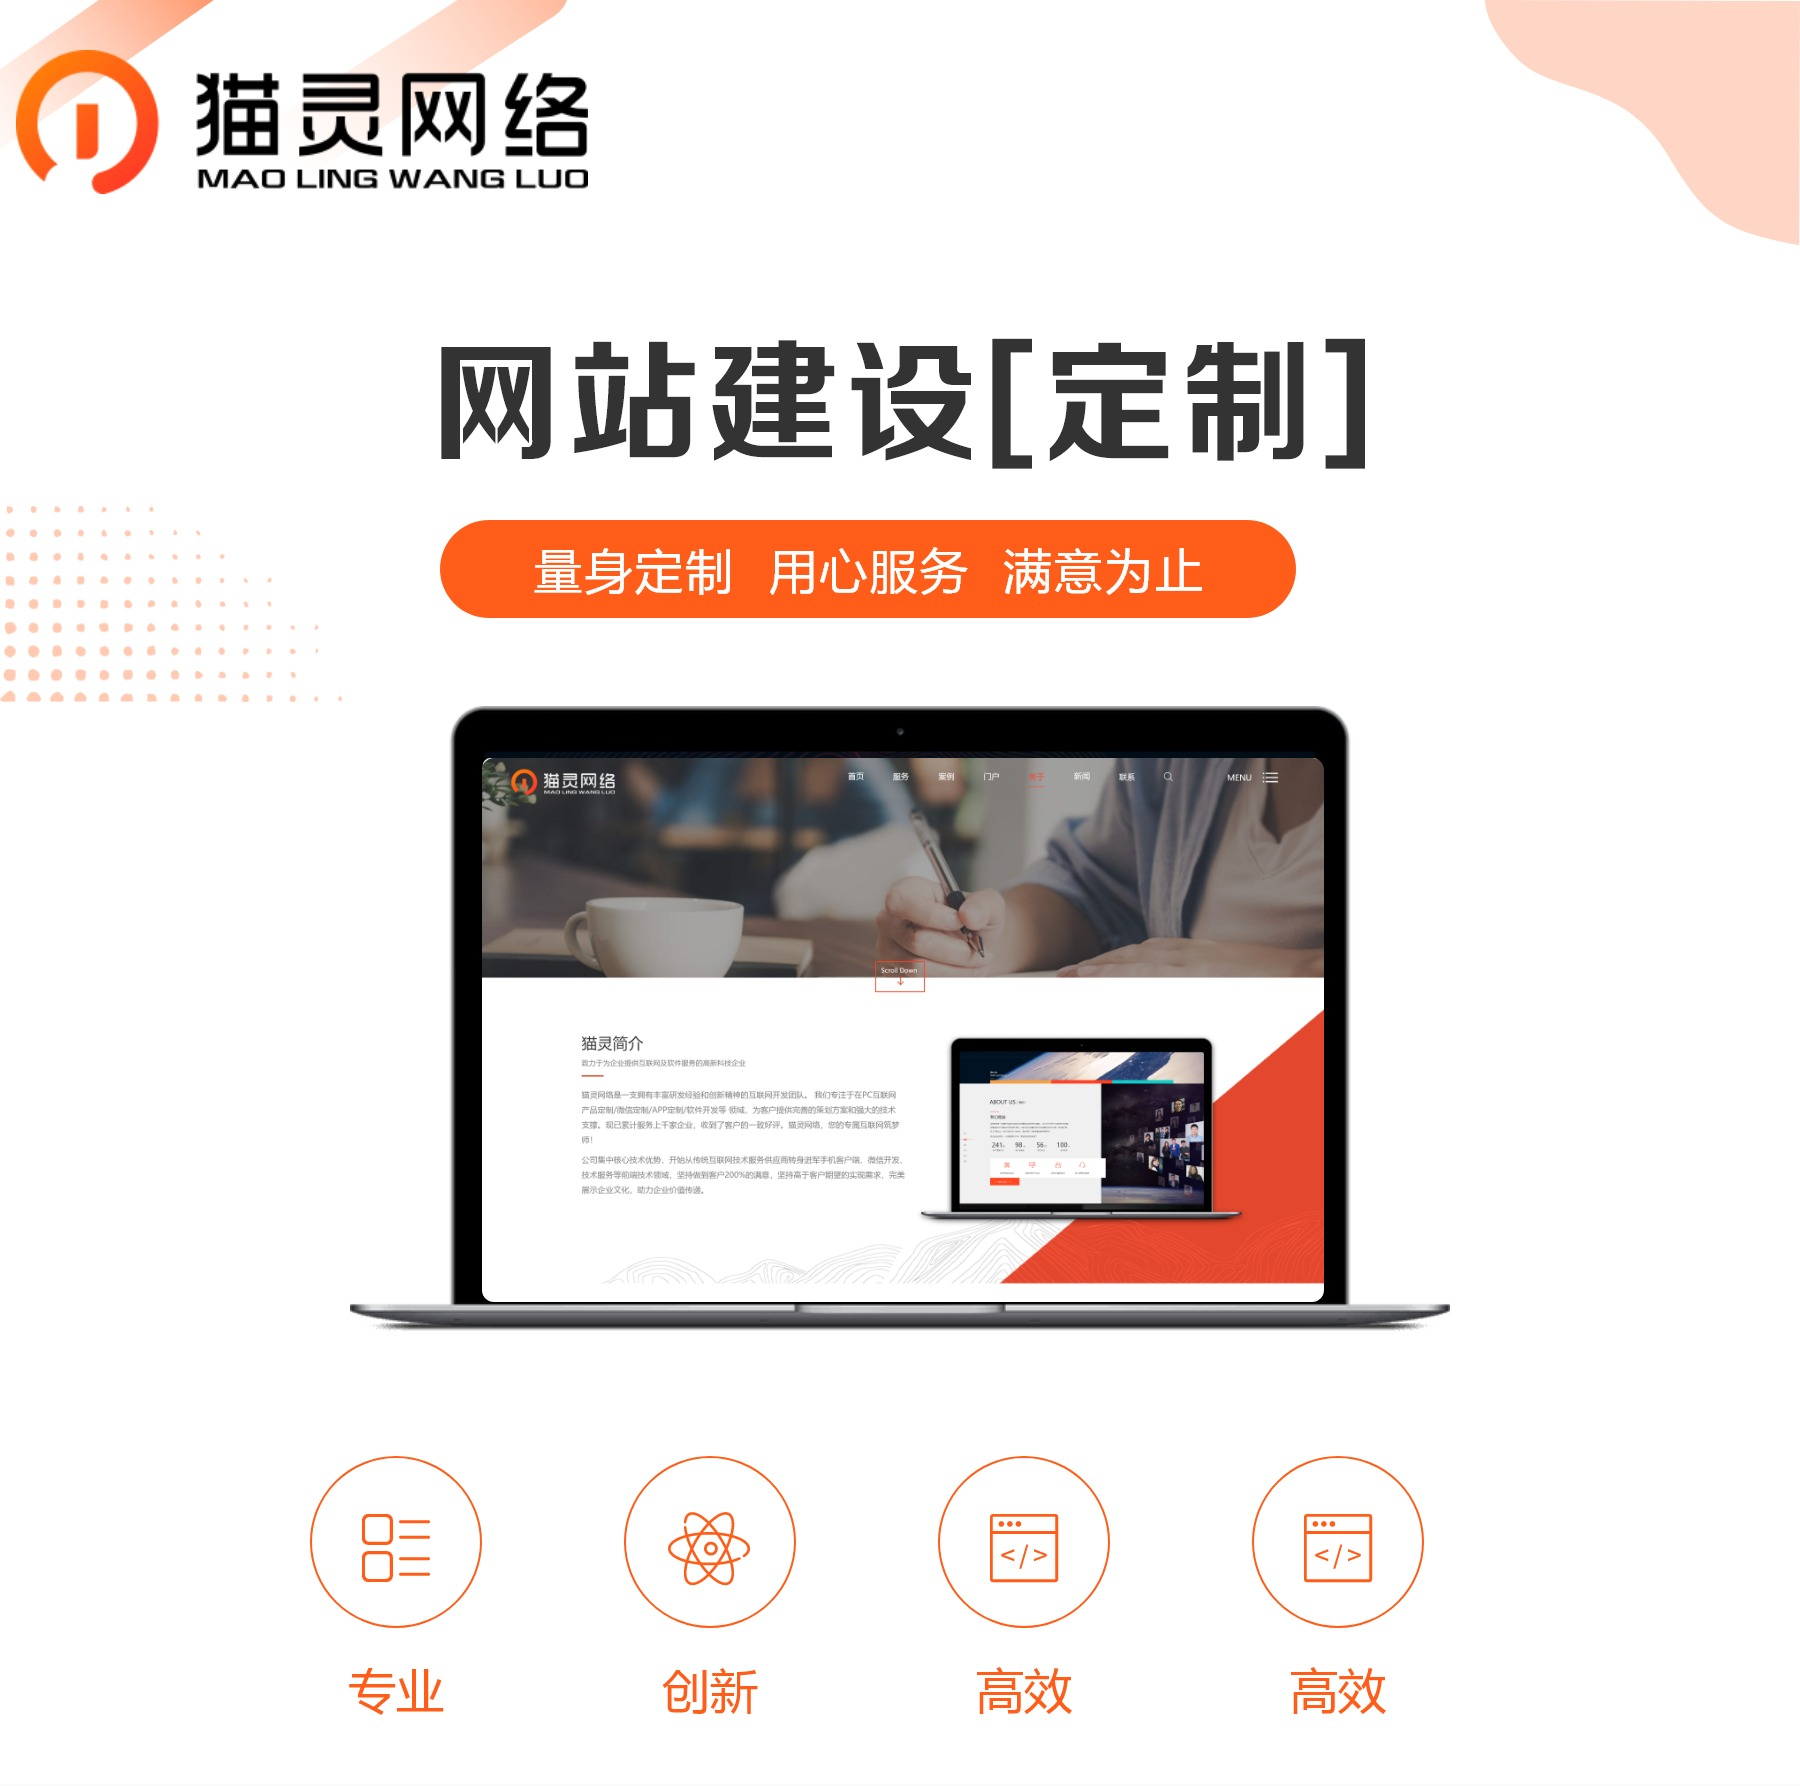 手机企业电商城官网站建设H5响应式定制软件微信小程序开发设计